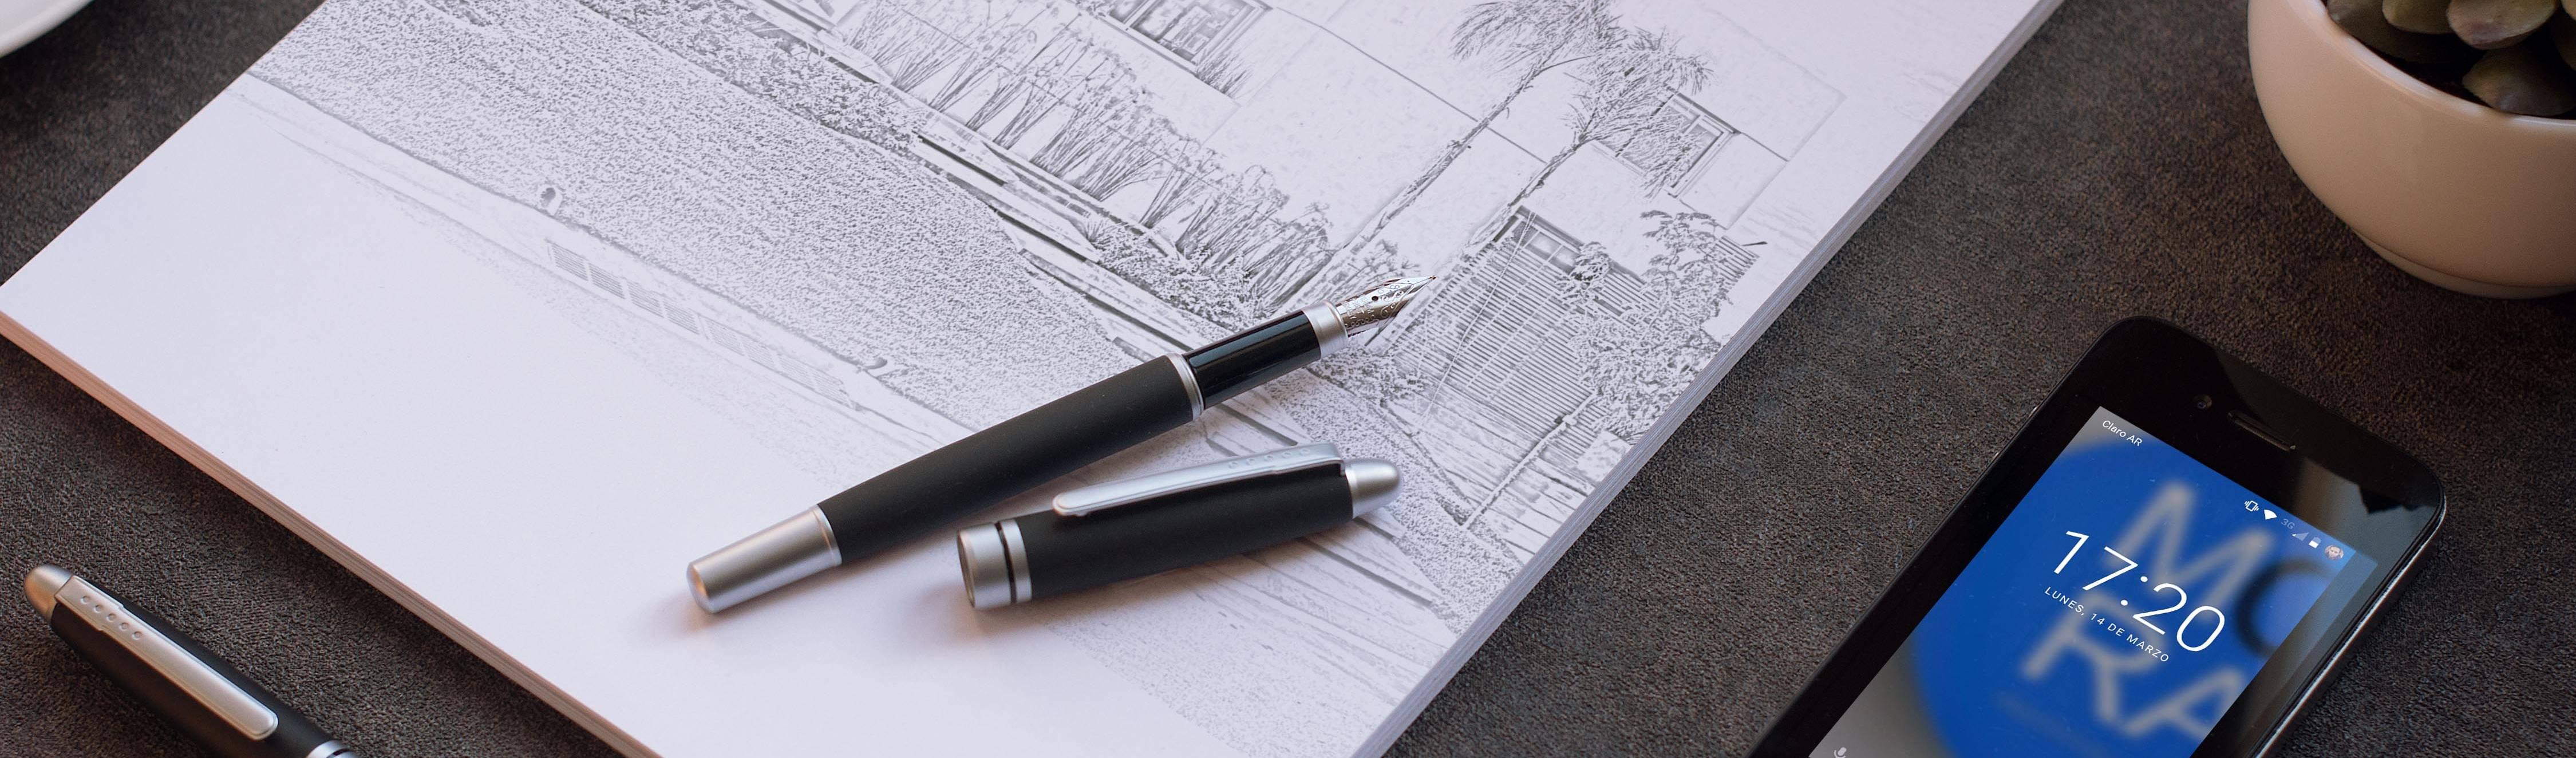 Mora Arquitectura y Diseño